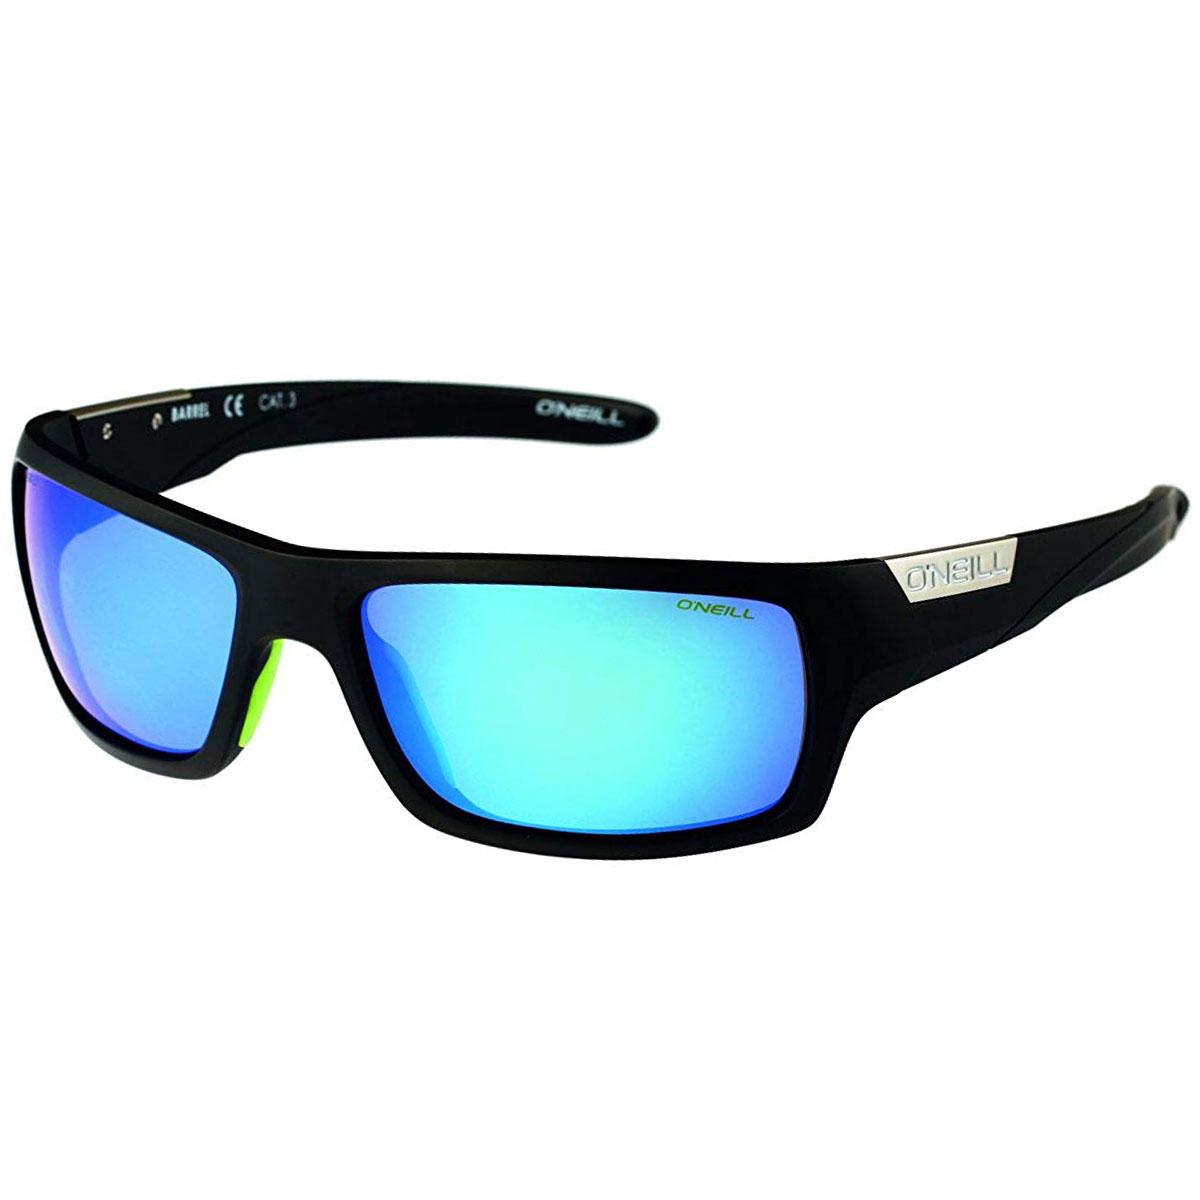 mitad de descuento 41ad2 76b93 Gafas De Sol Polarizadas Oneill Ons Barrel - Espejo Negro / Lima Mate